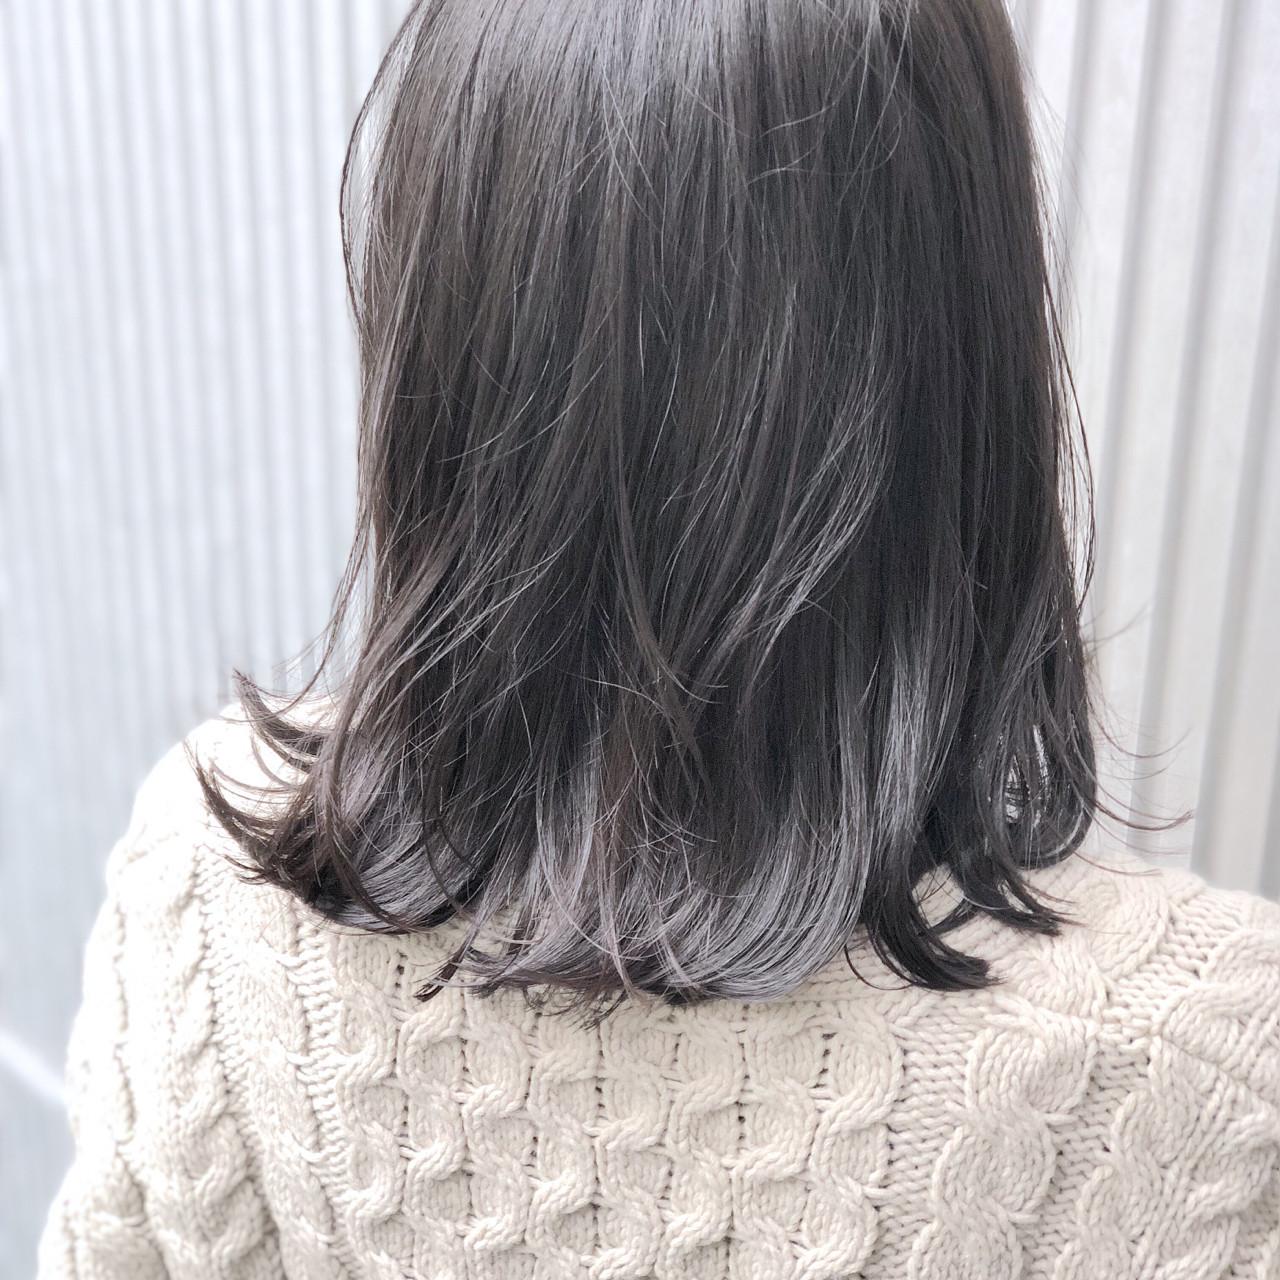 前髪あり ナチュラル グレージュ 女子力 ヘアスタイルや髪型の写真・画像